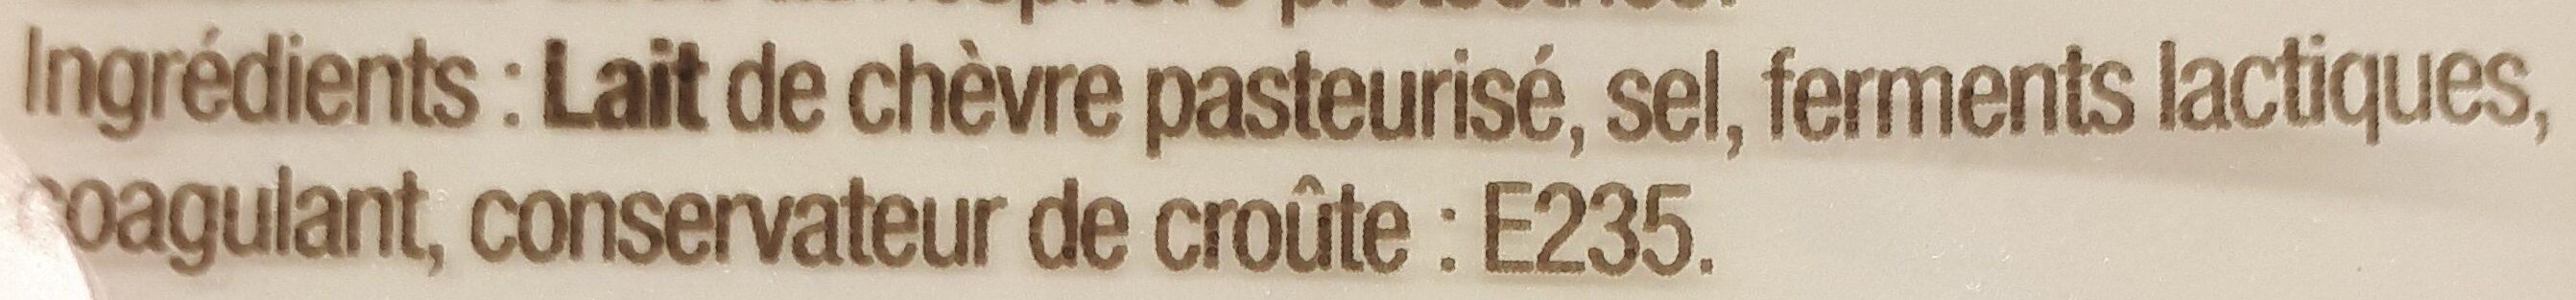 La meule de chèvre - Ingrédients - fr